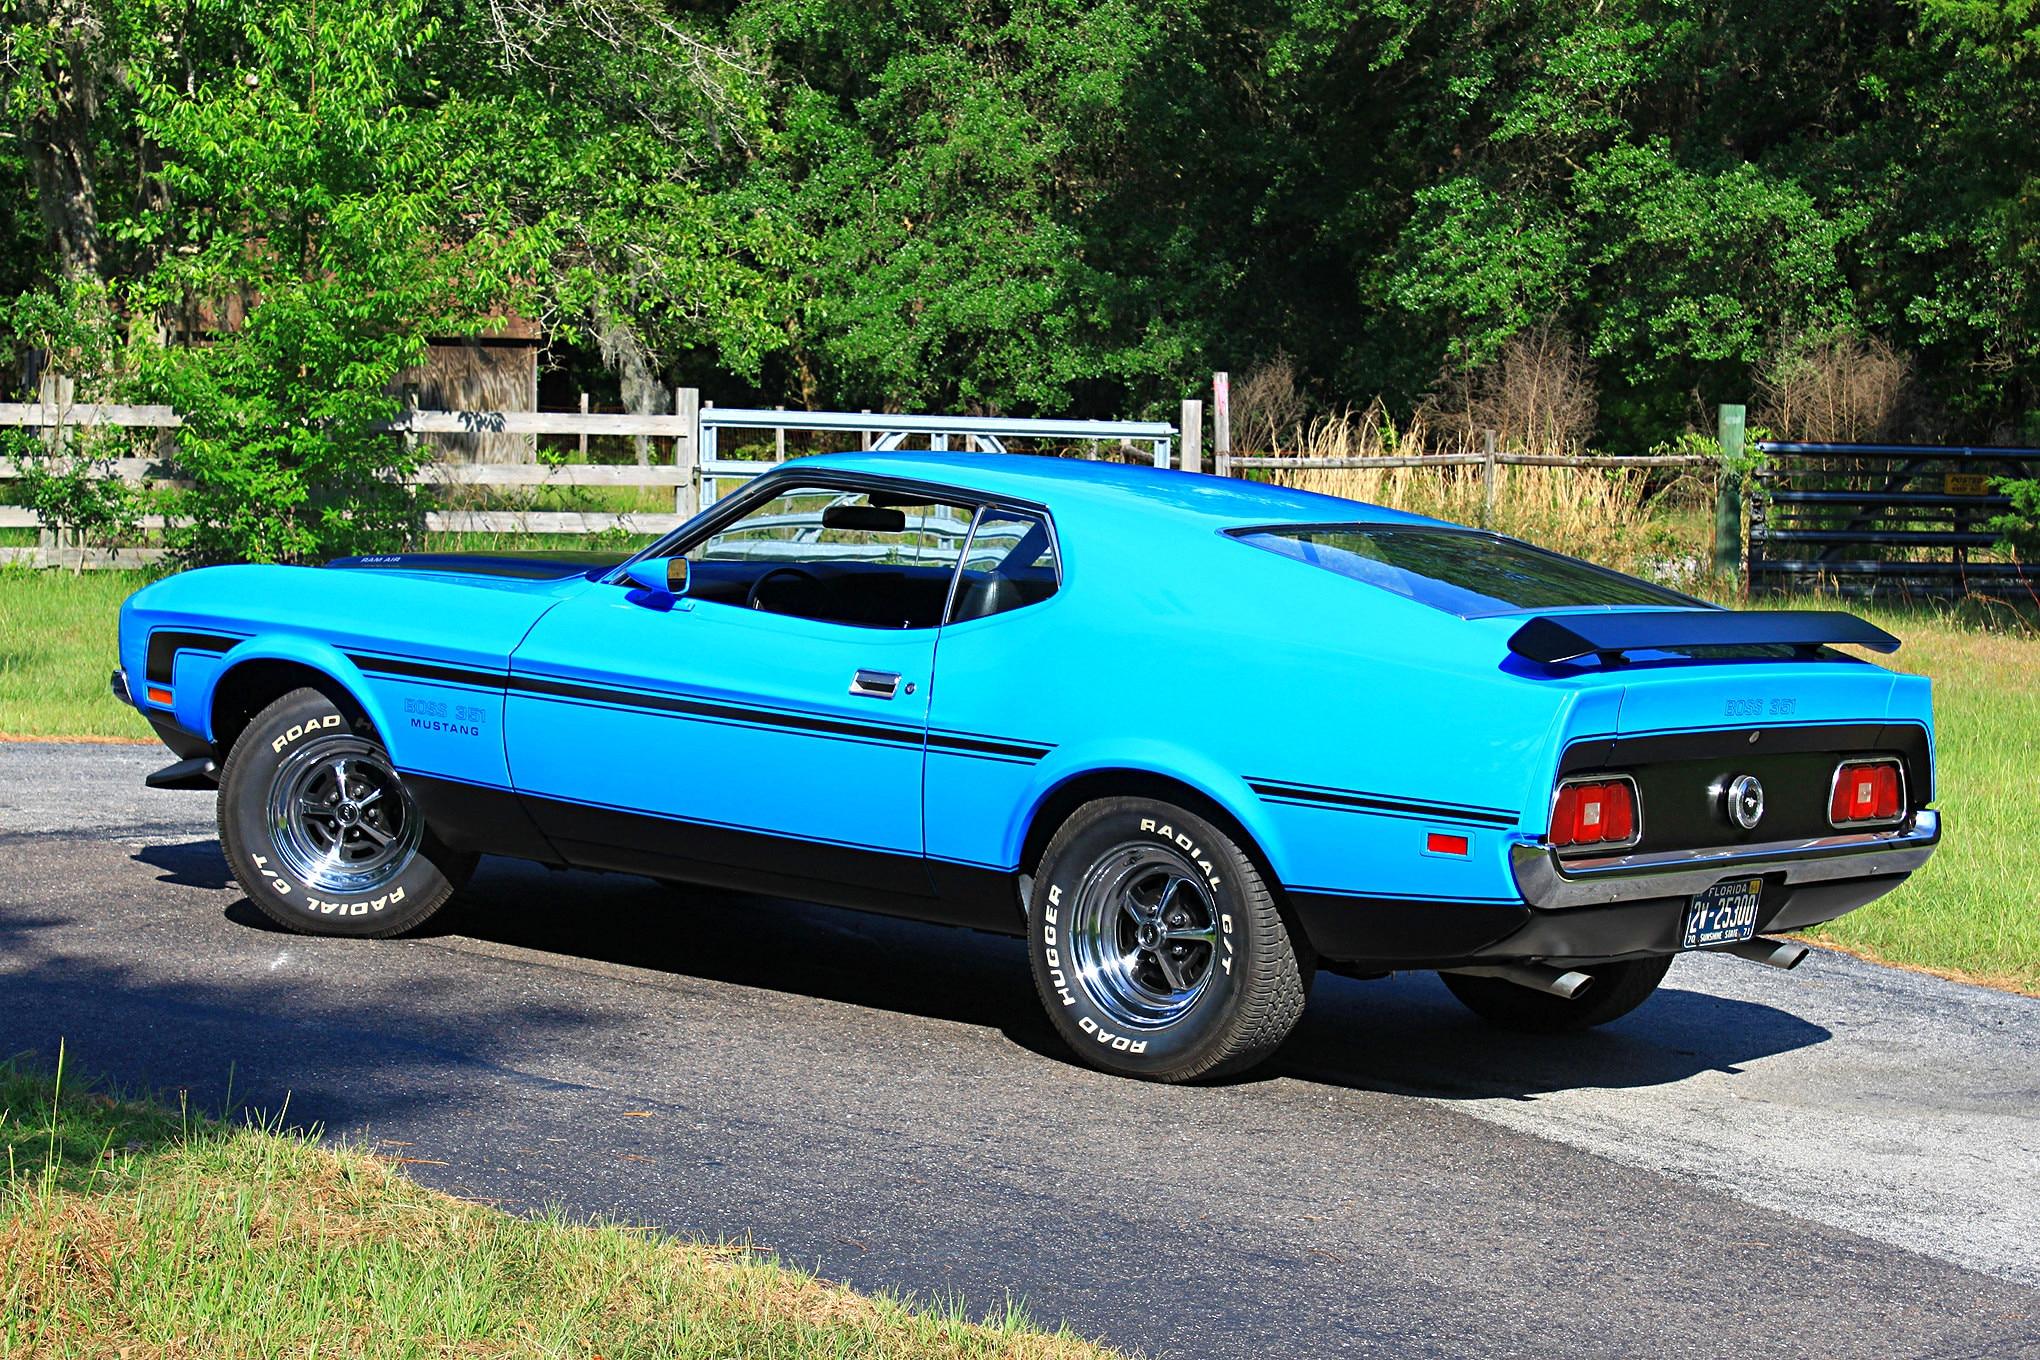 38 1971 Ford Mustang Boss 351 Blue Rear Three Quarter